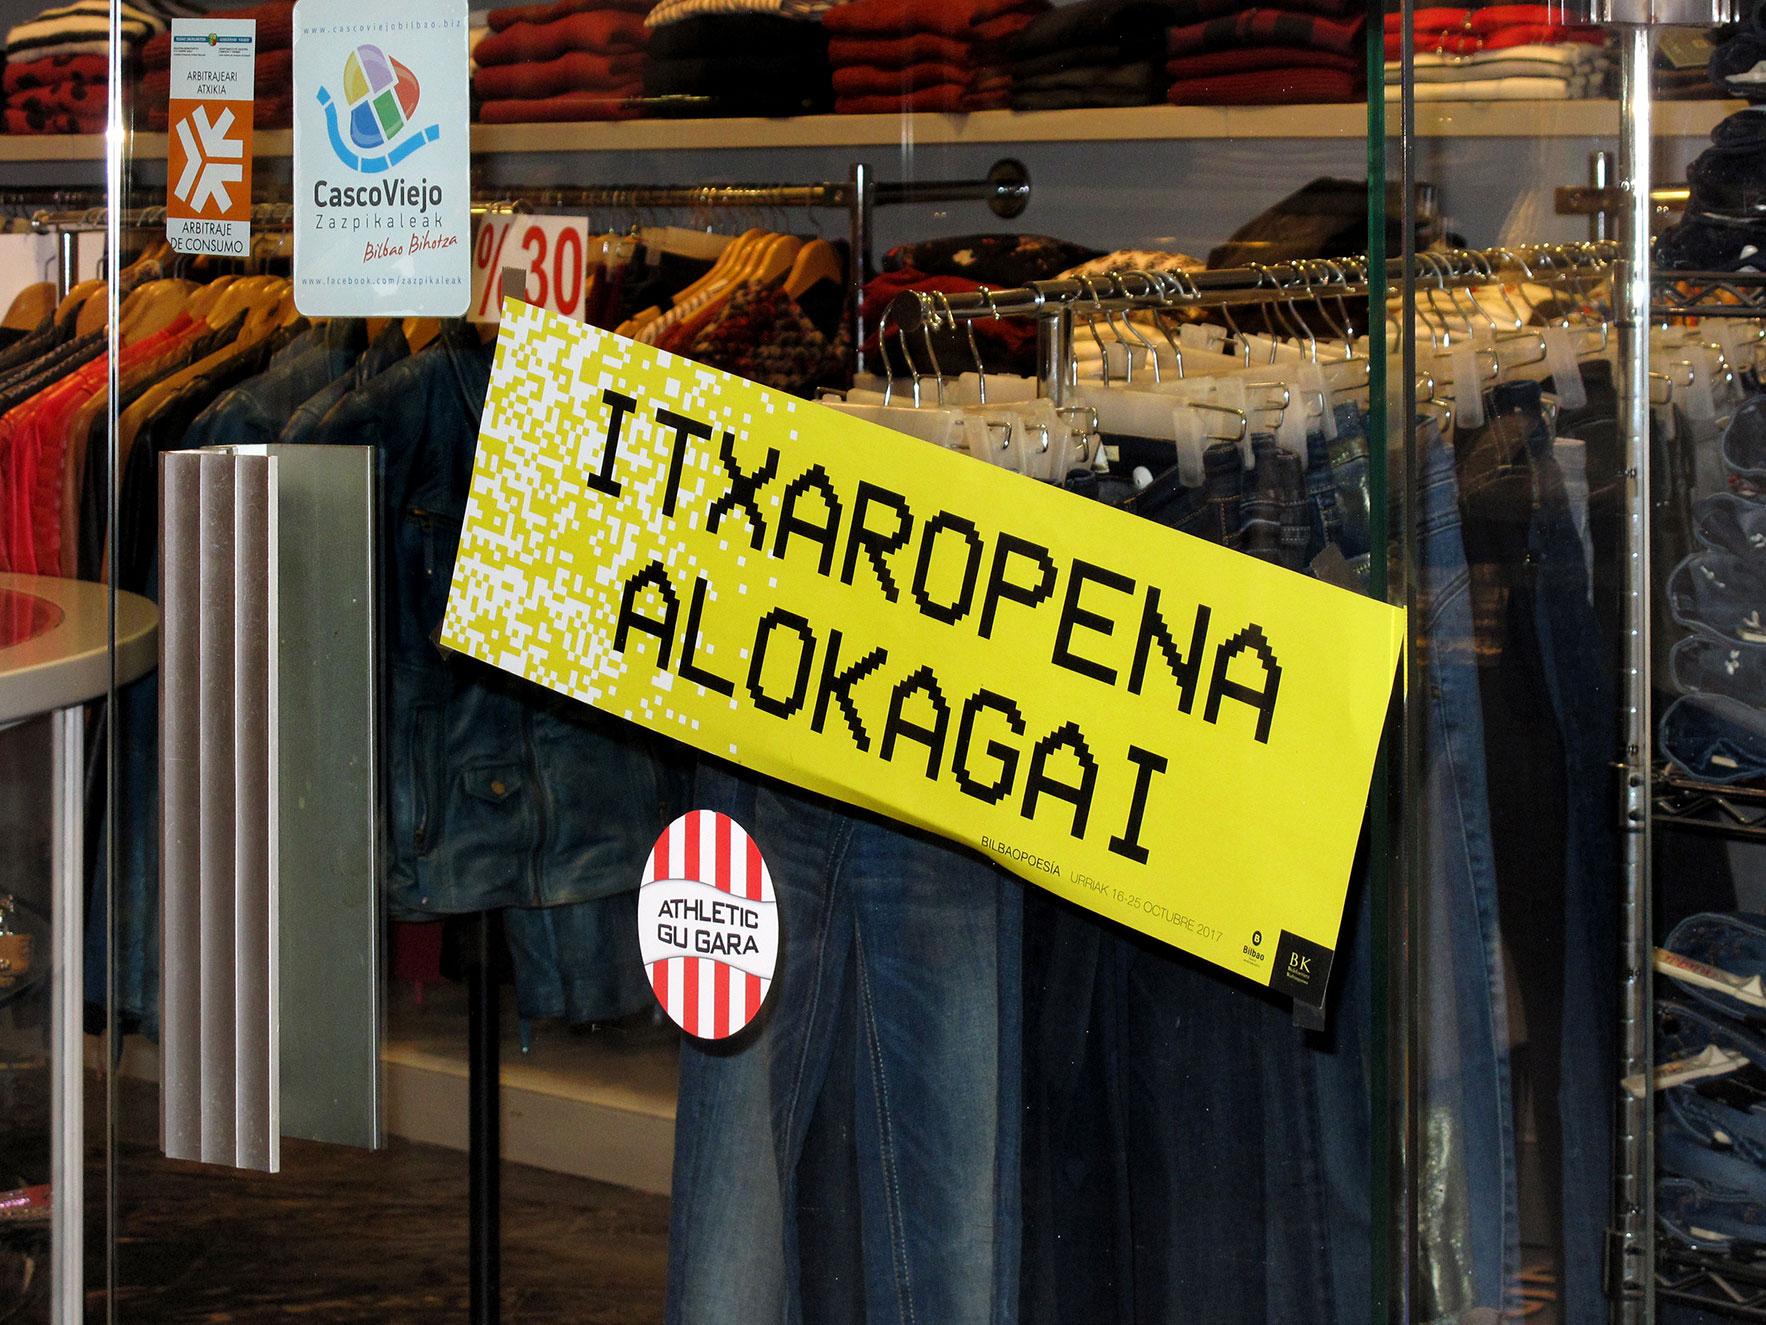 Bilbao poesía escaparate tienda euskera